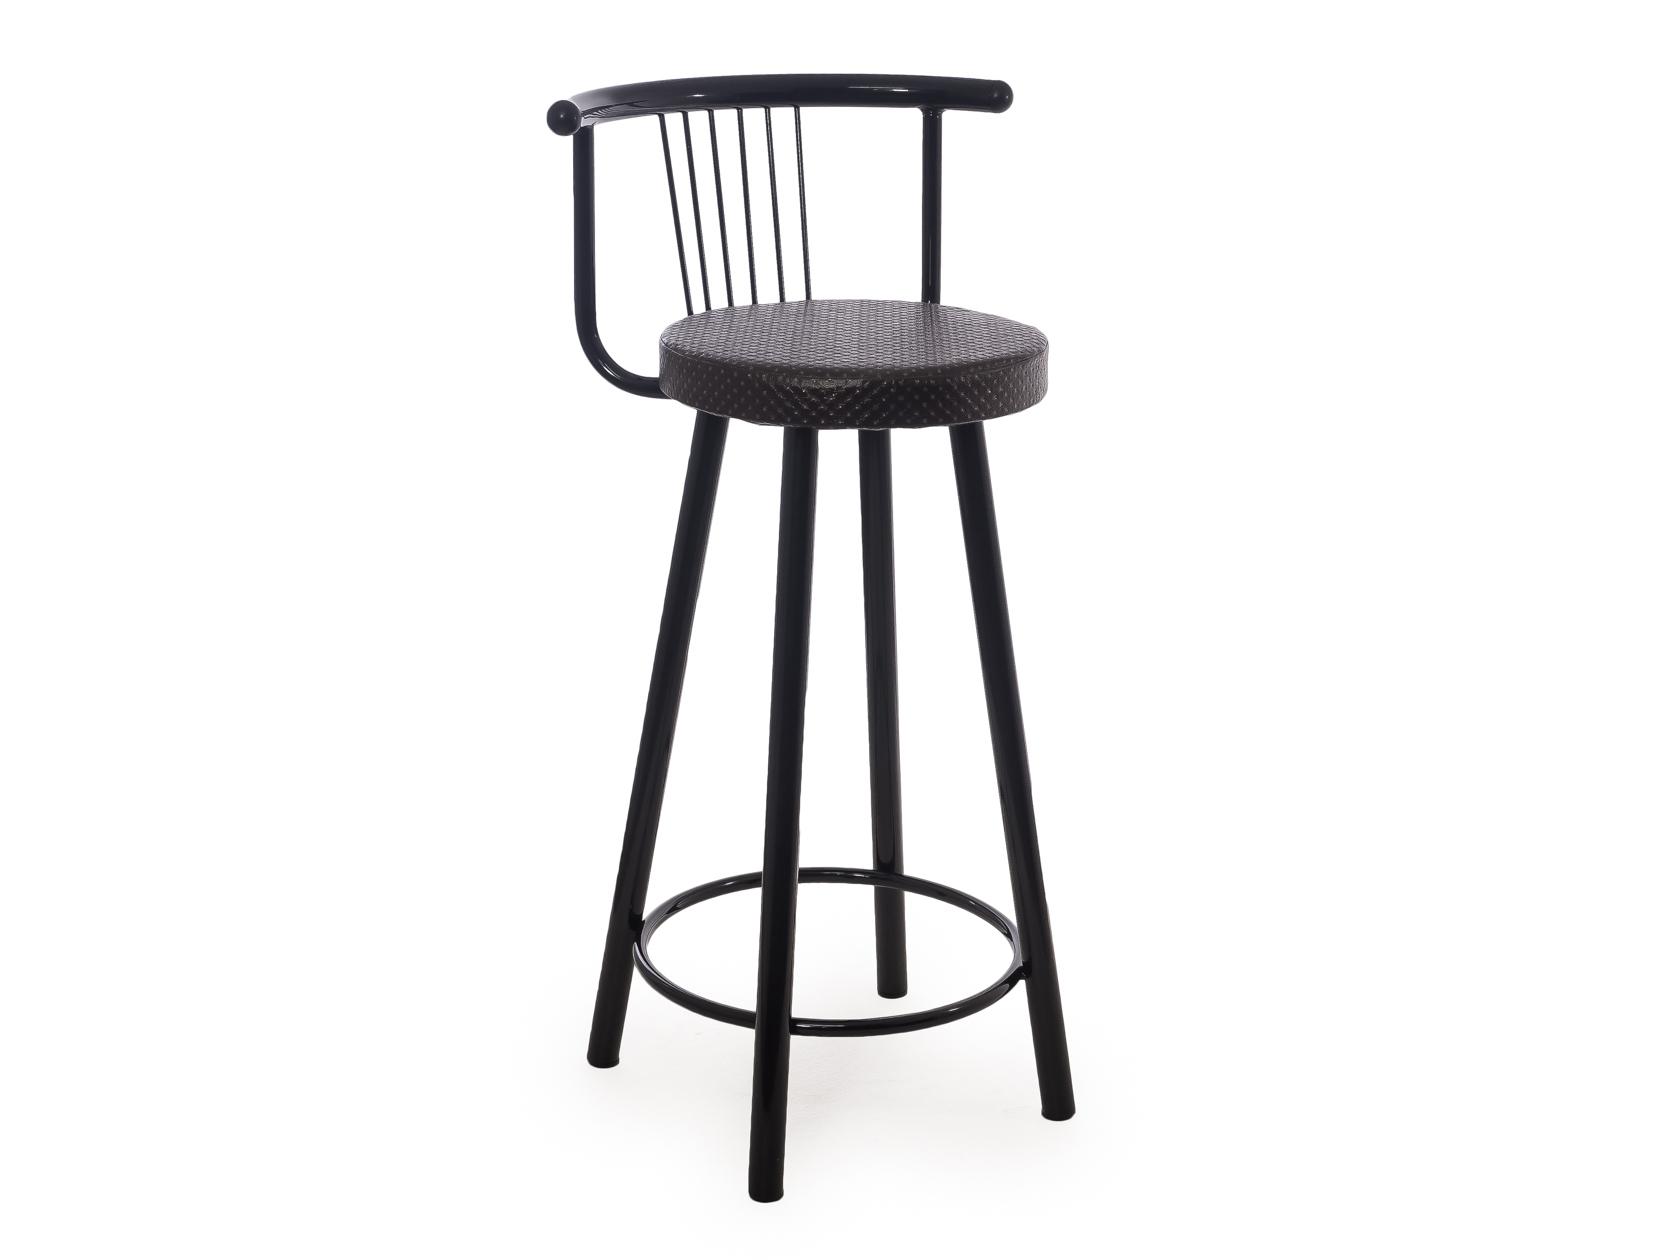 Мягкий барный стул для кухни 192-16120